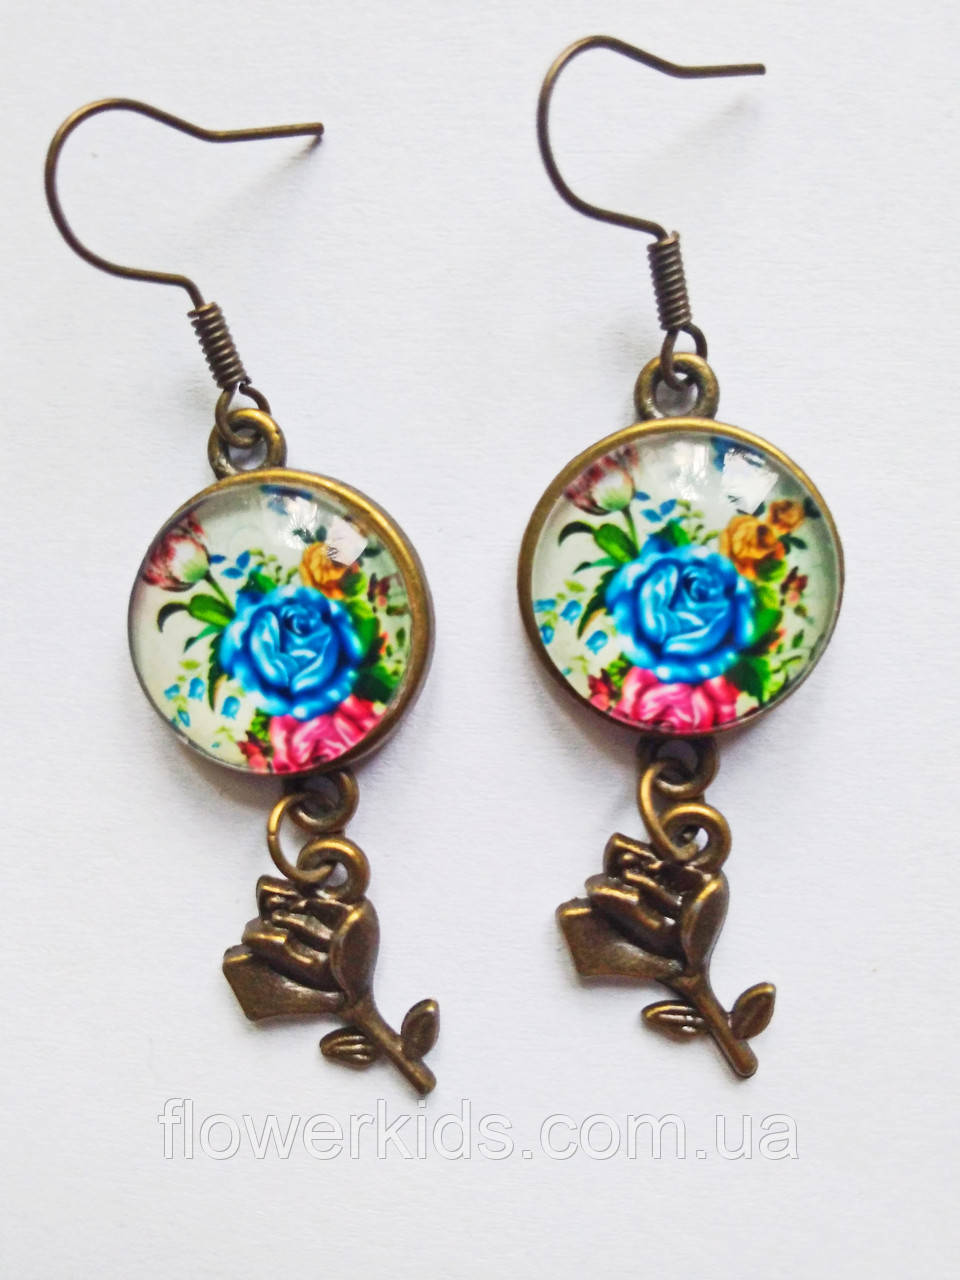 Сережки ручної роботи з синіми трояндами